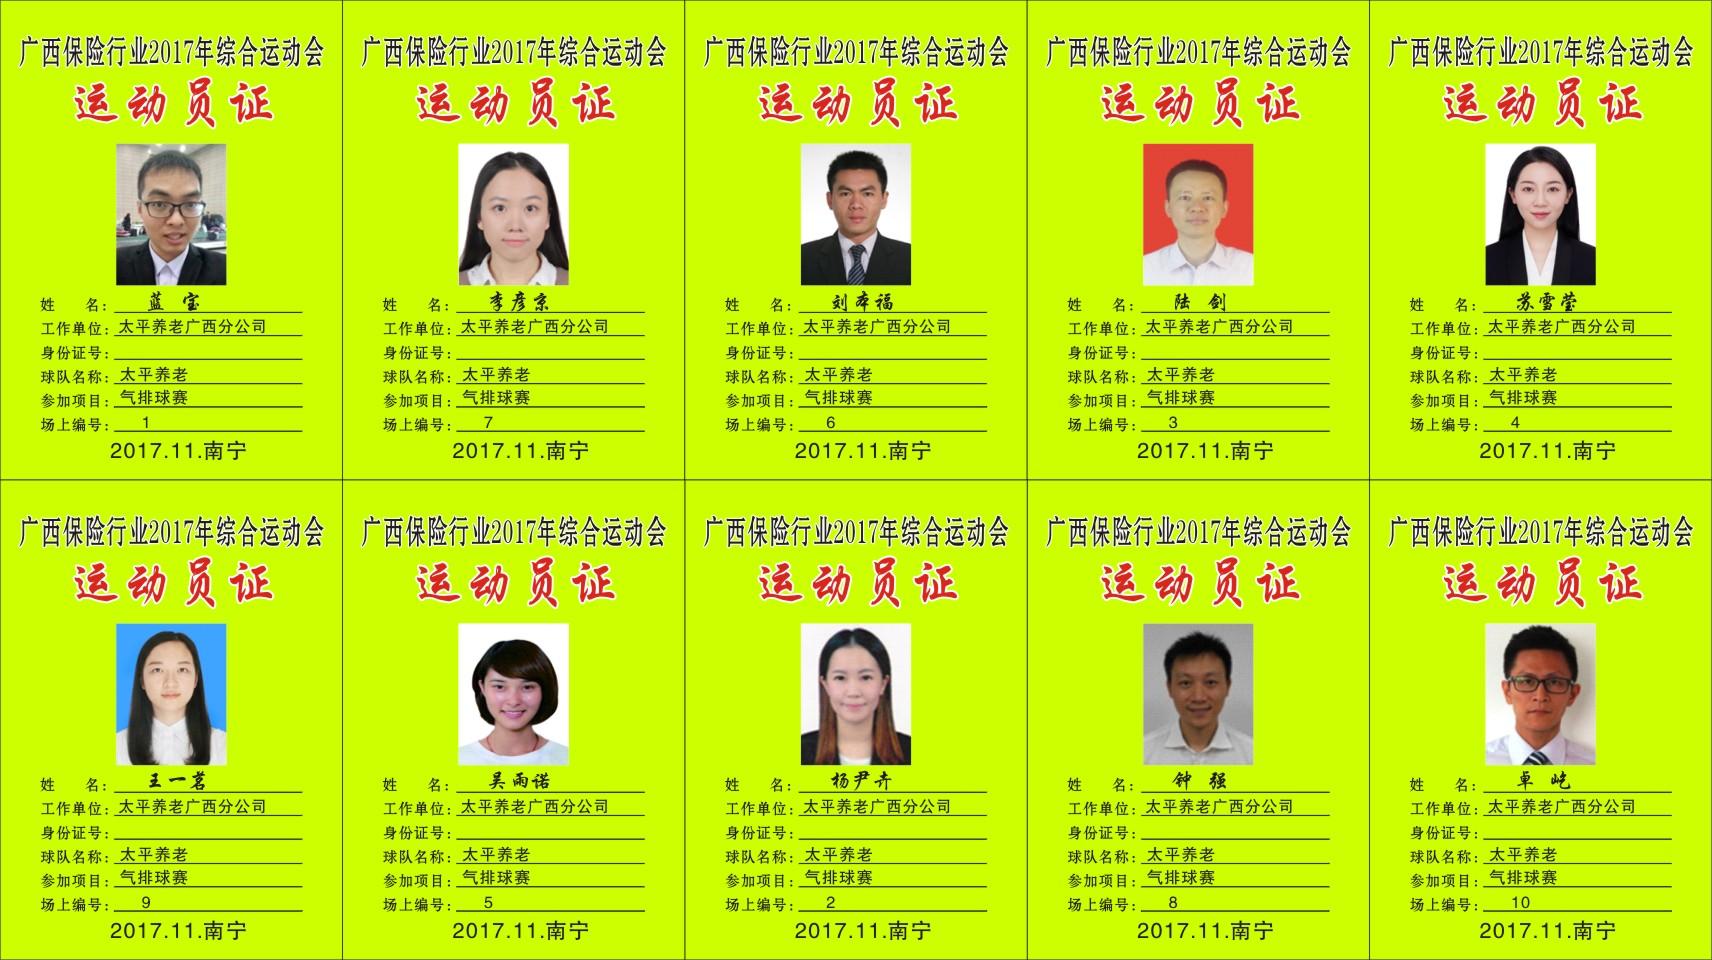 9太平养老广西分公司.jpg